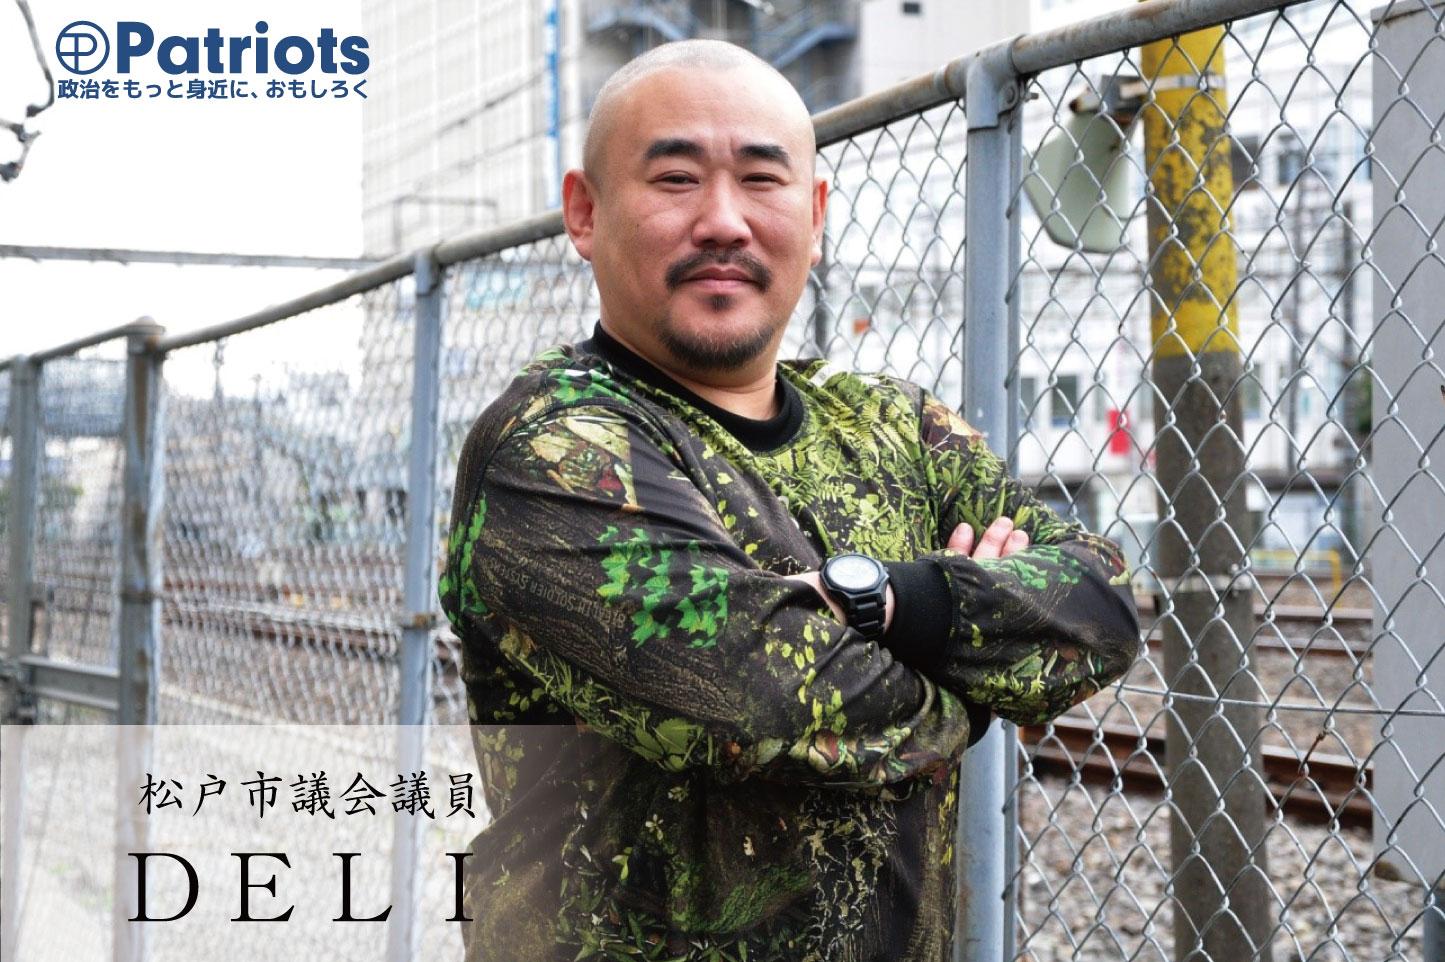 松戸市議会議員 DELIさん